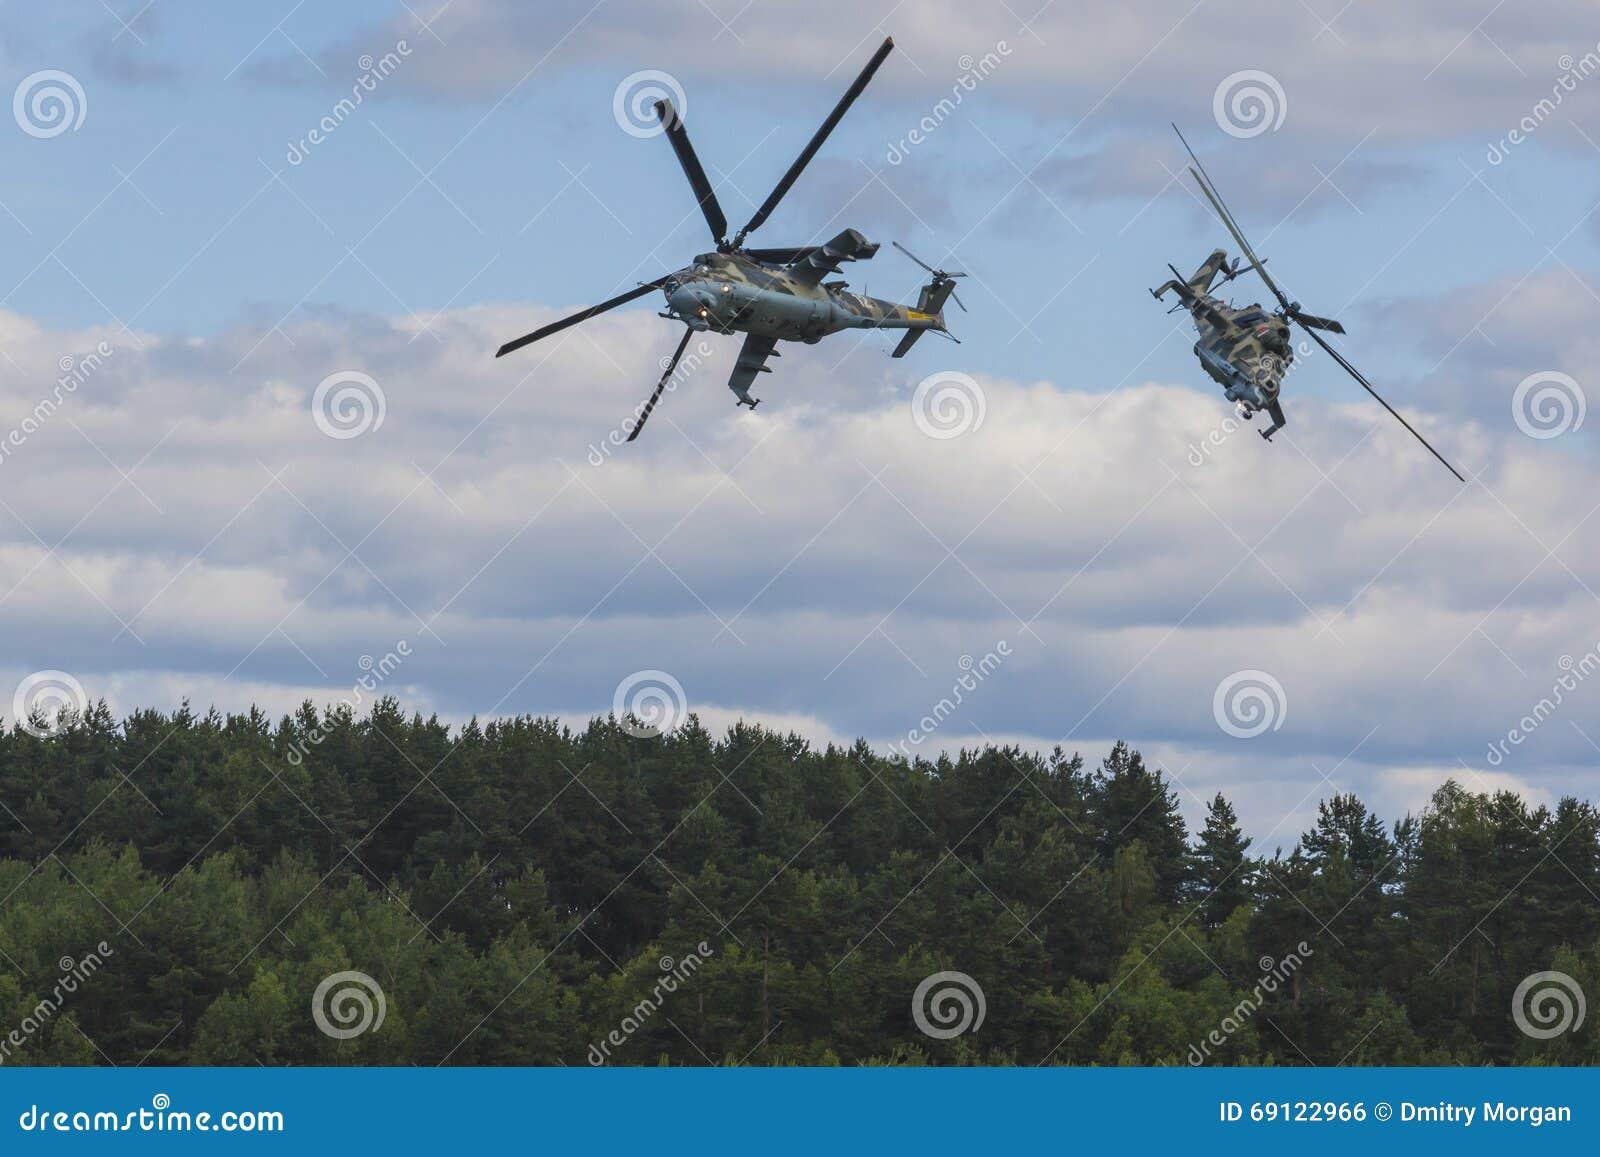 Hubschrauber MI-24 auf Luft während des Luftfahrt-Sportereignisses eingeweiht dem 80. Jahrestag von DOSAAF-Grundlage